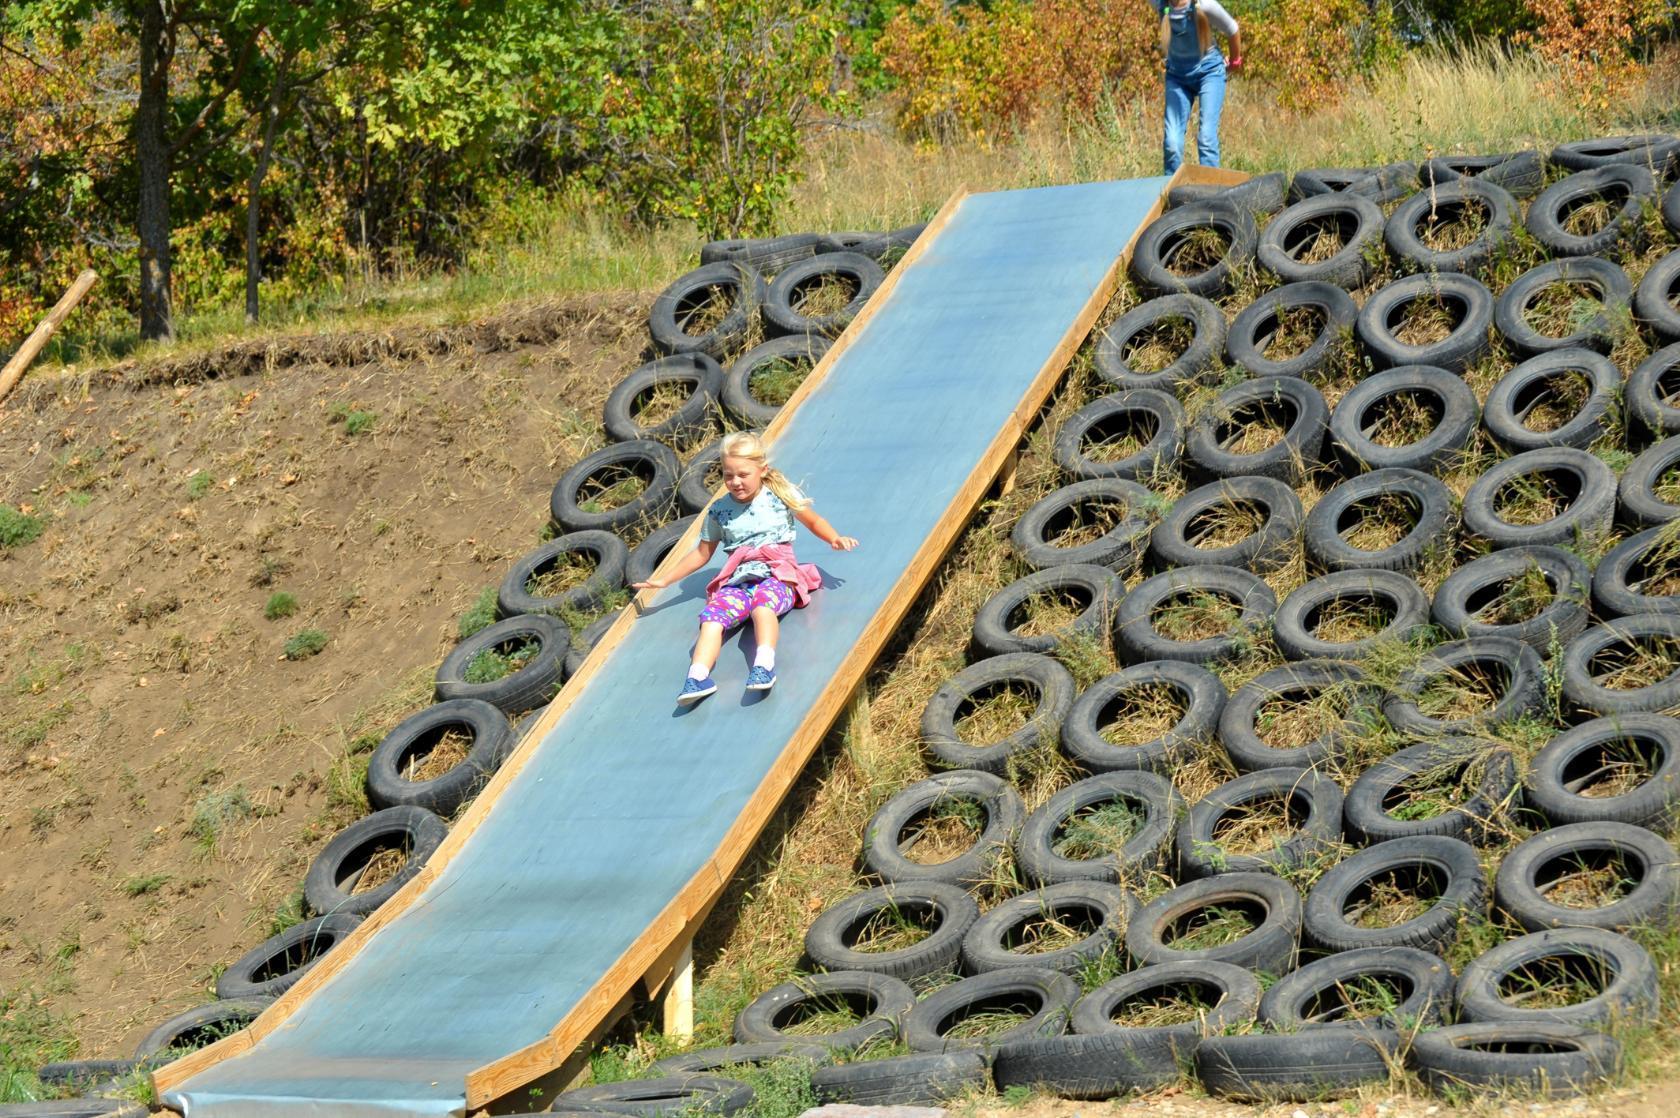 Детские площадки в Балаково недалеко от Волги